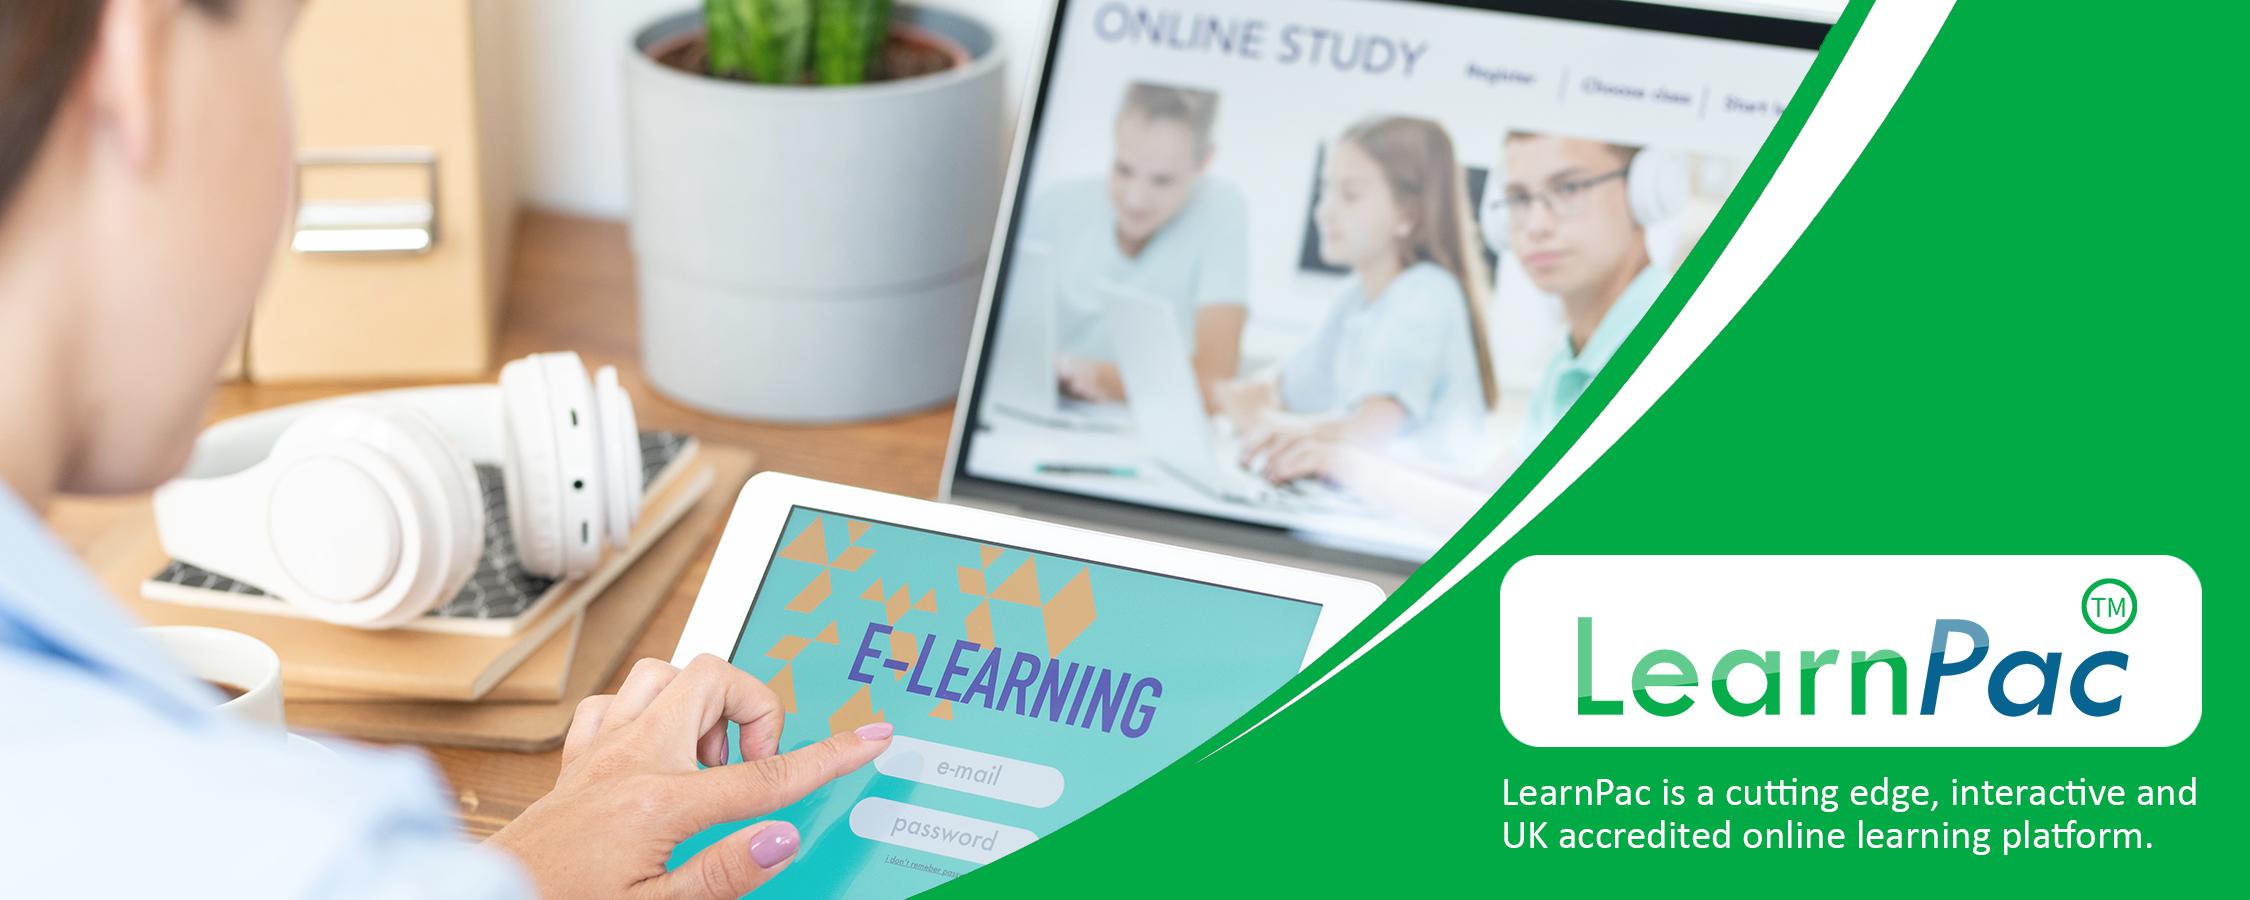 Understanding the Mental Capacity Act - Online Learning Courses - E-Learning Courses - LearnPac Systems UK --